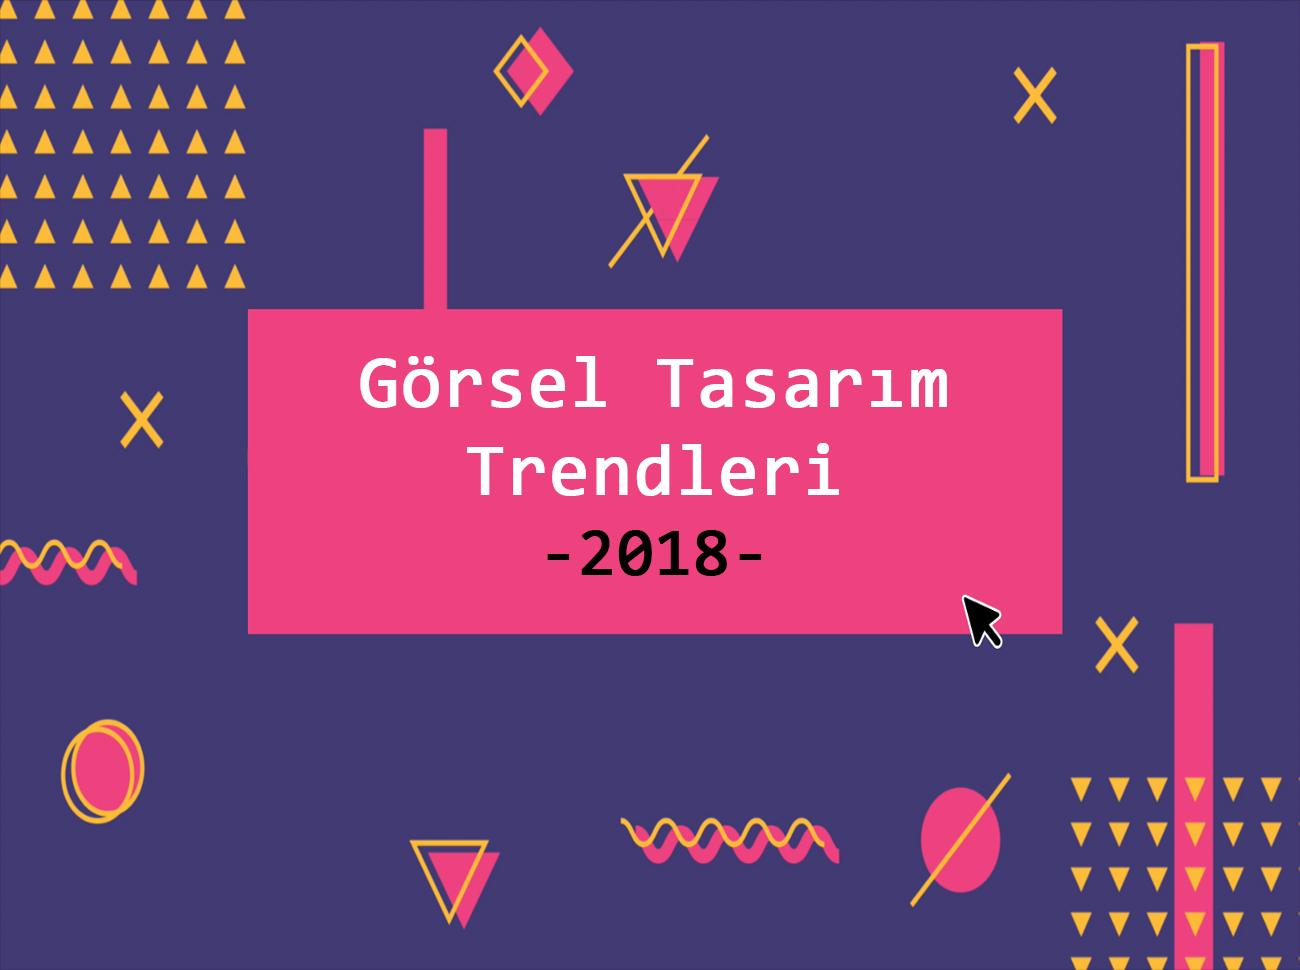 2018 Yılının Görsel Tasarım Trendleri